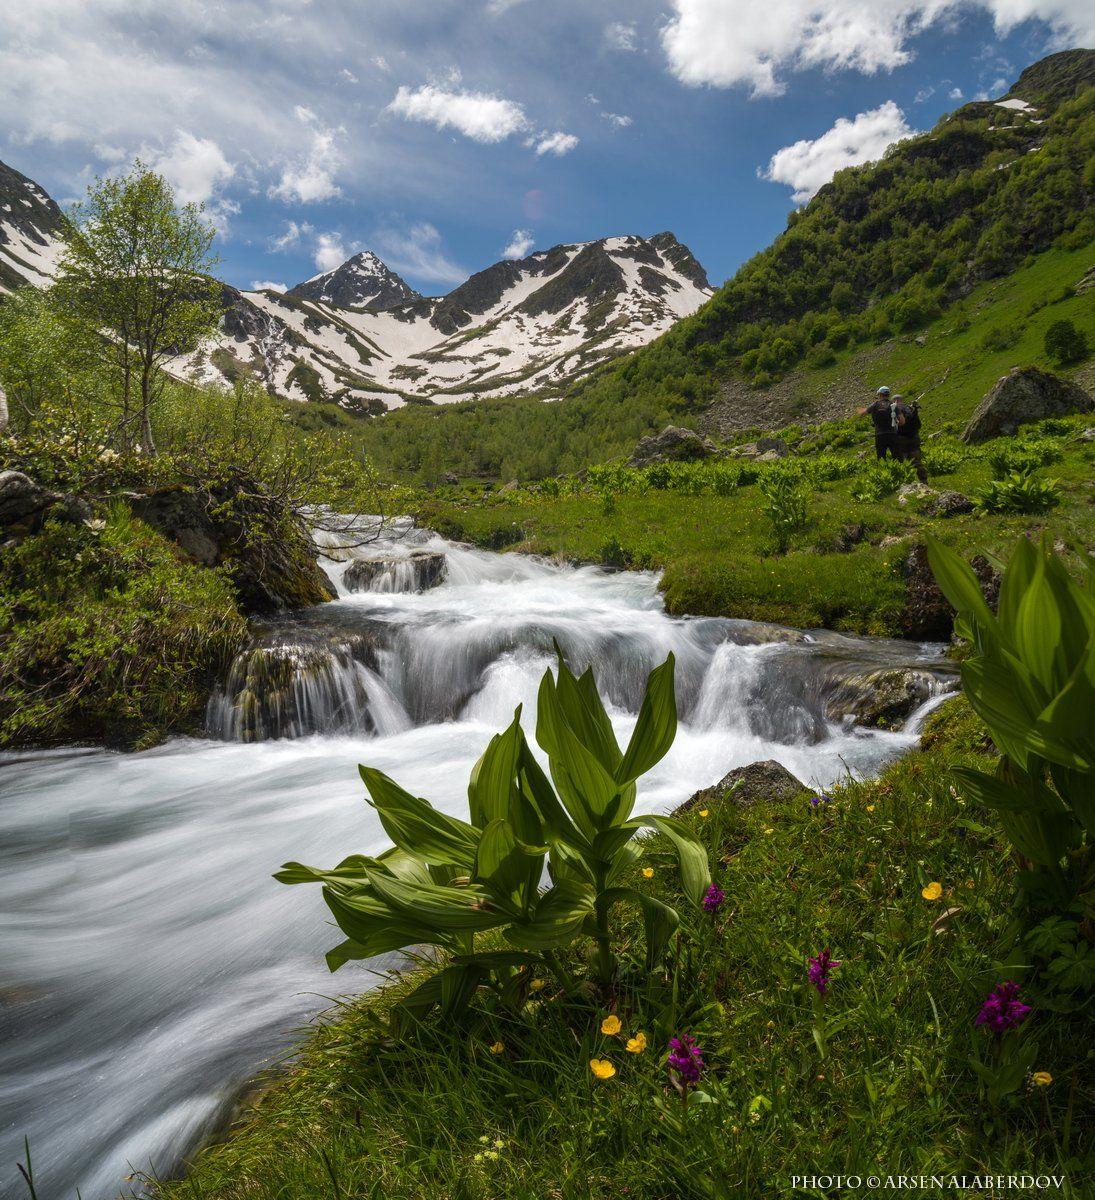 горы, предгорья,река,горная река,ручей, хребет, вершины, пики, озеро,ущелье,архыз,снег,скалы, холмы, долина, облака, путешествия, туризм, карачаево-черкесия, кабардино-балкария, северный кавказ, АрсенАл